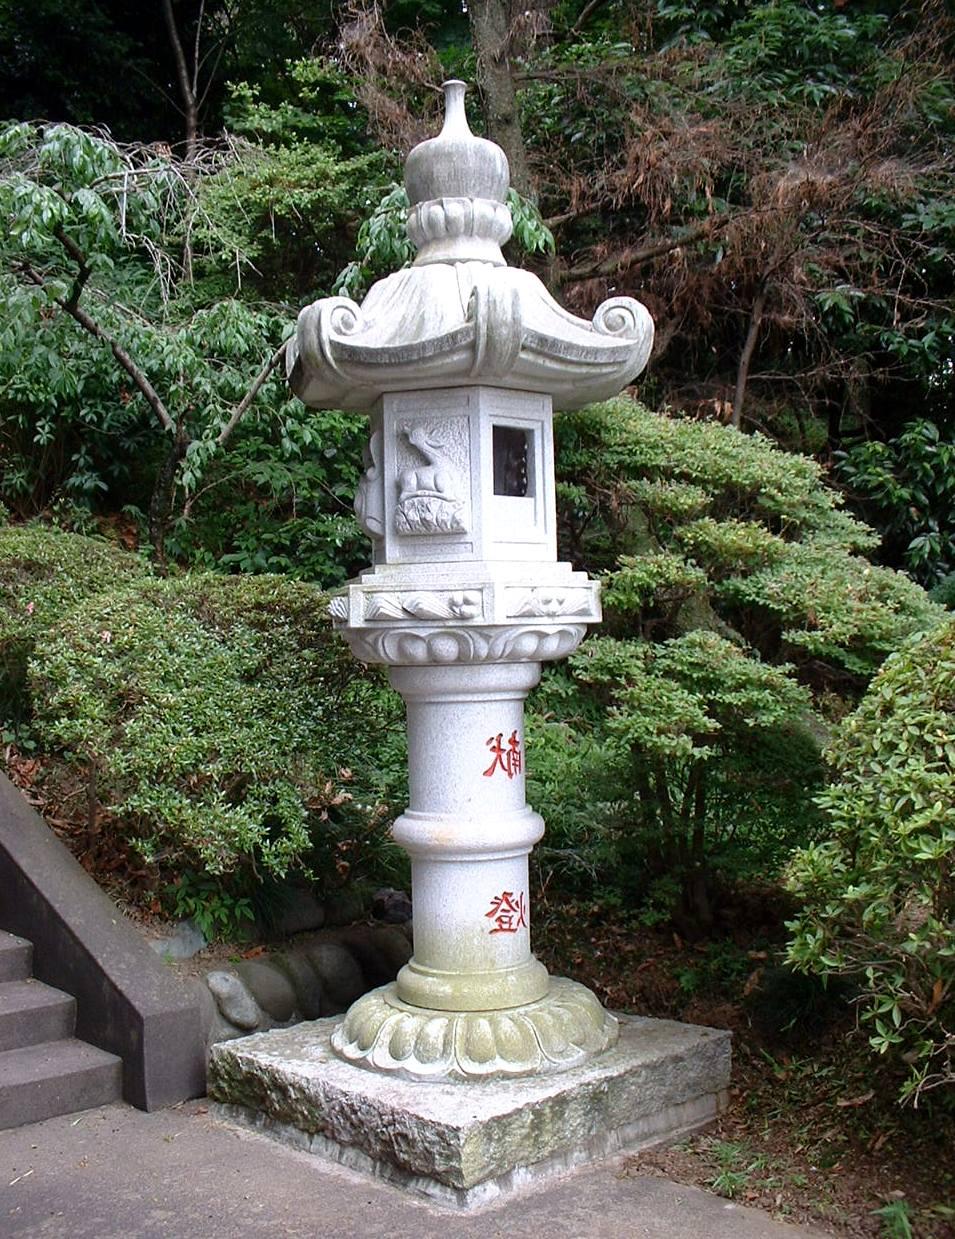 японский садовый фонарь Катцуга